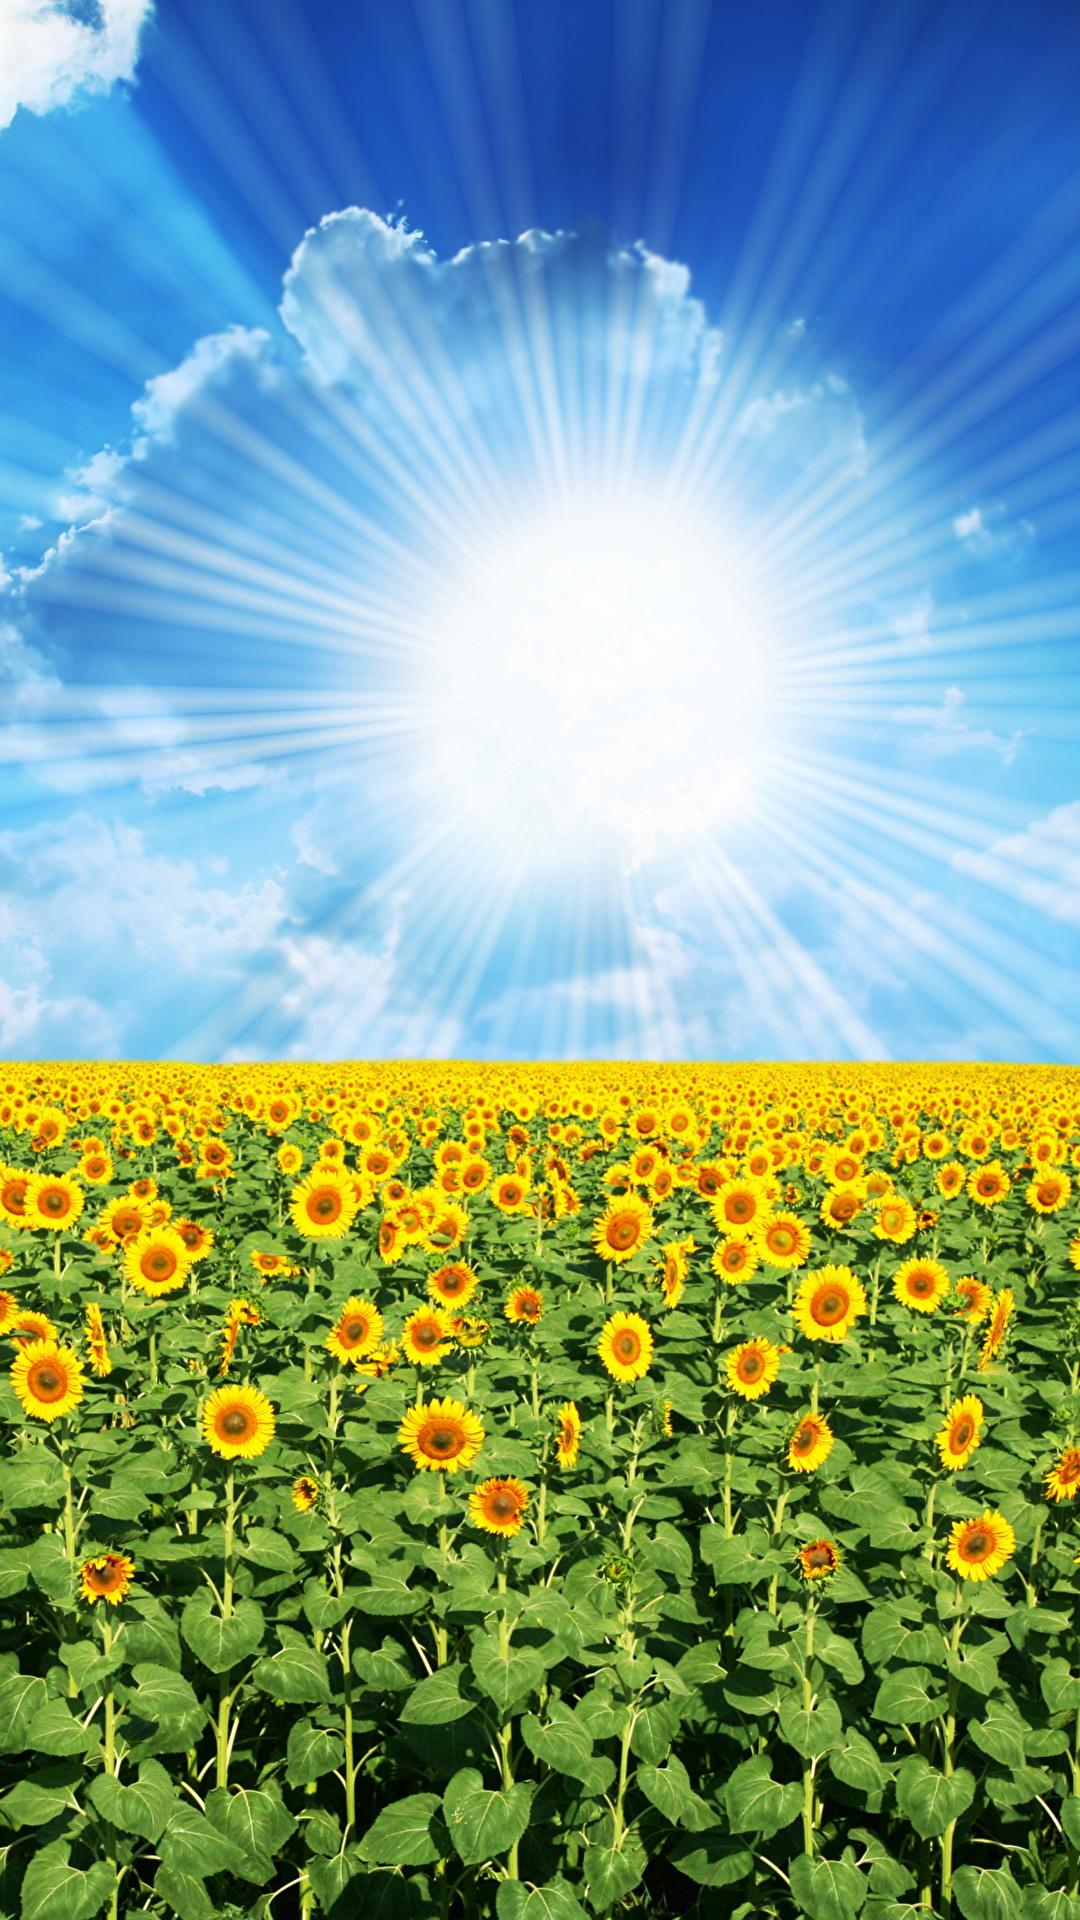 Hintergrundbilder Lichtstrahl Natur Sonne Felder Himmel Sonnenblumen Wolke 1080x1920 Acker